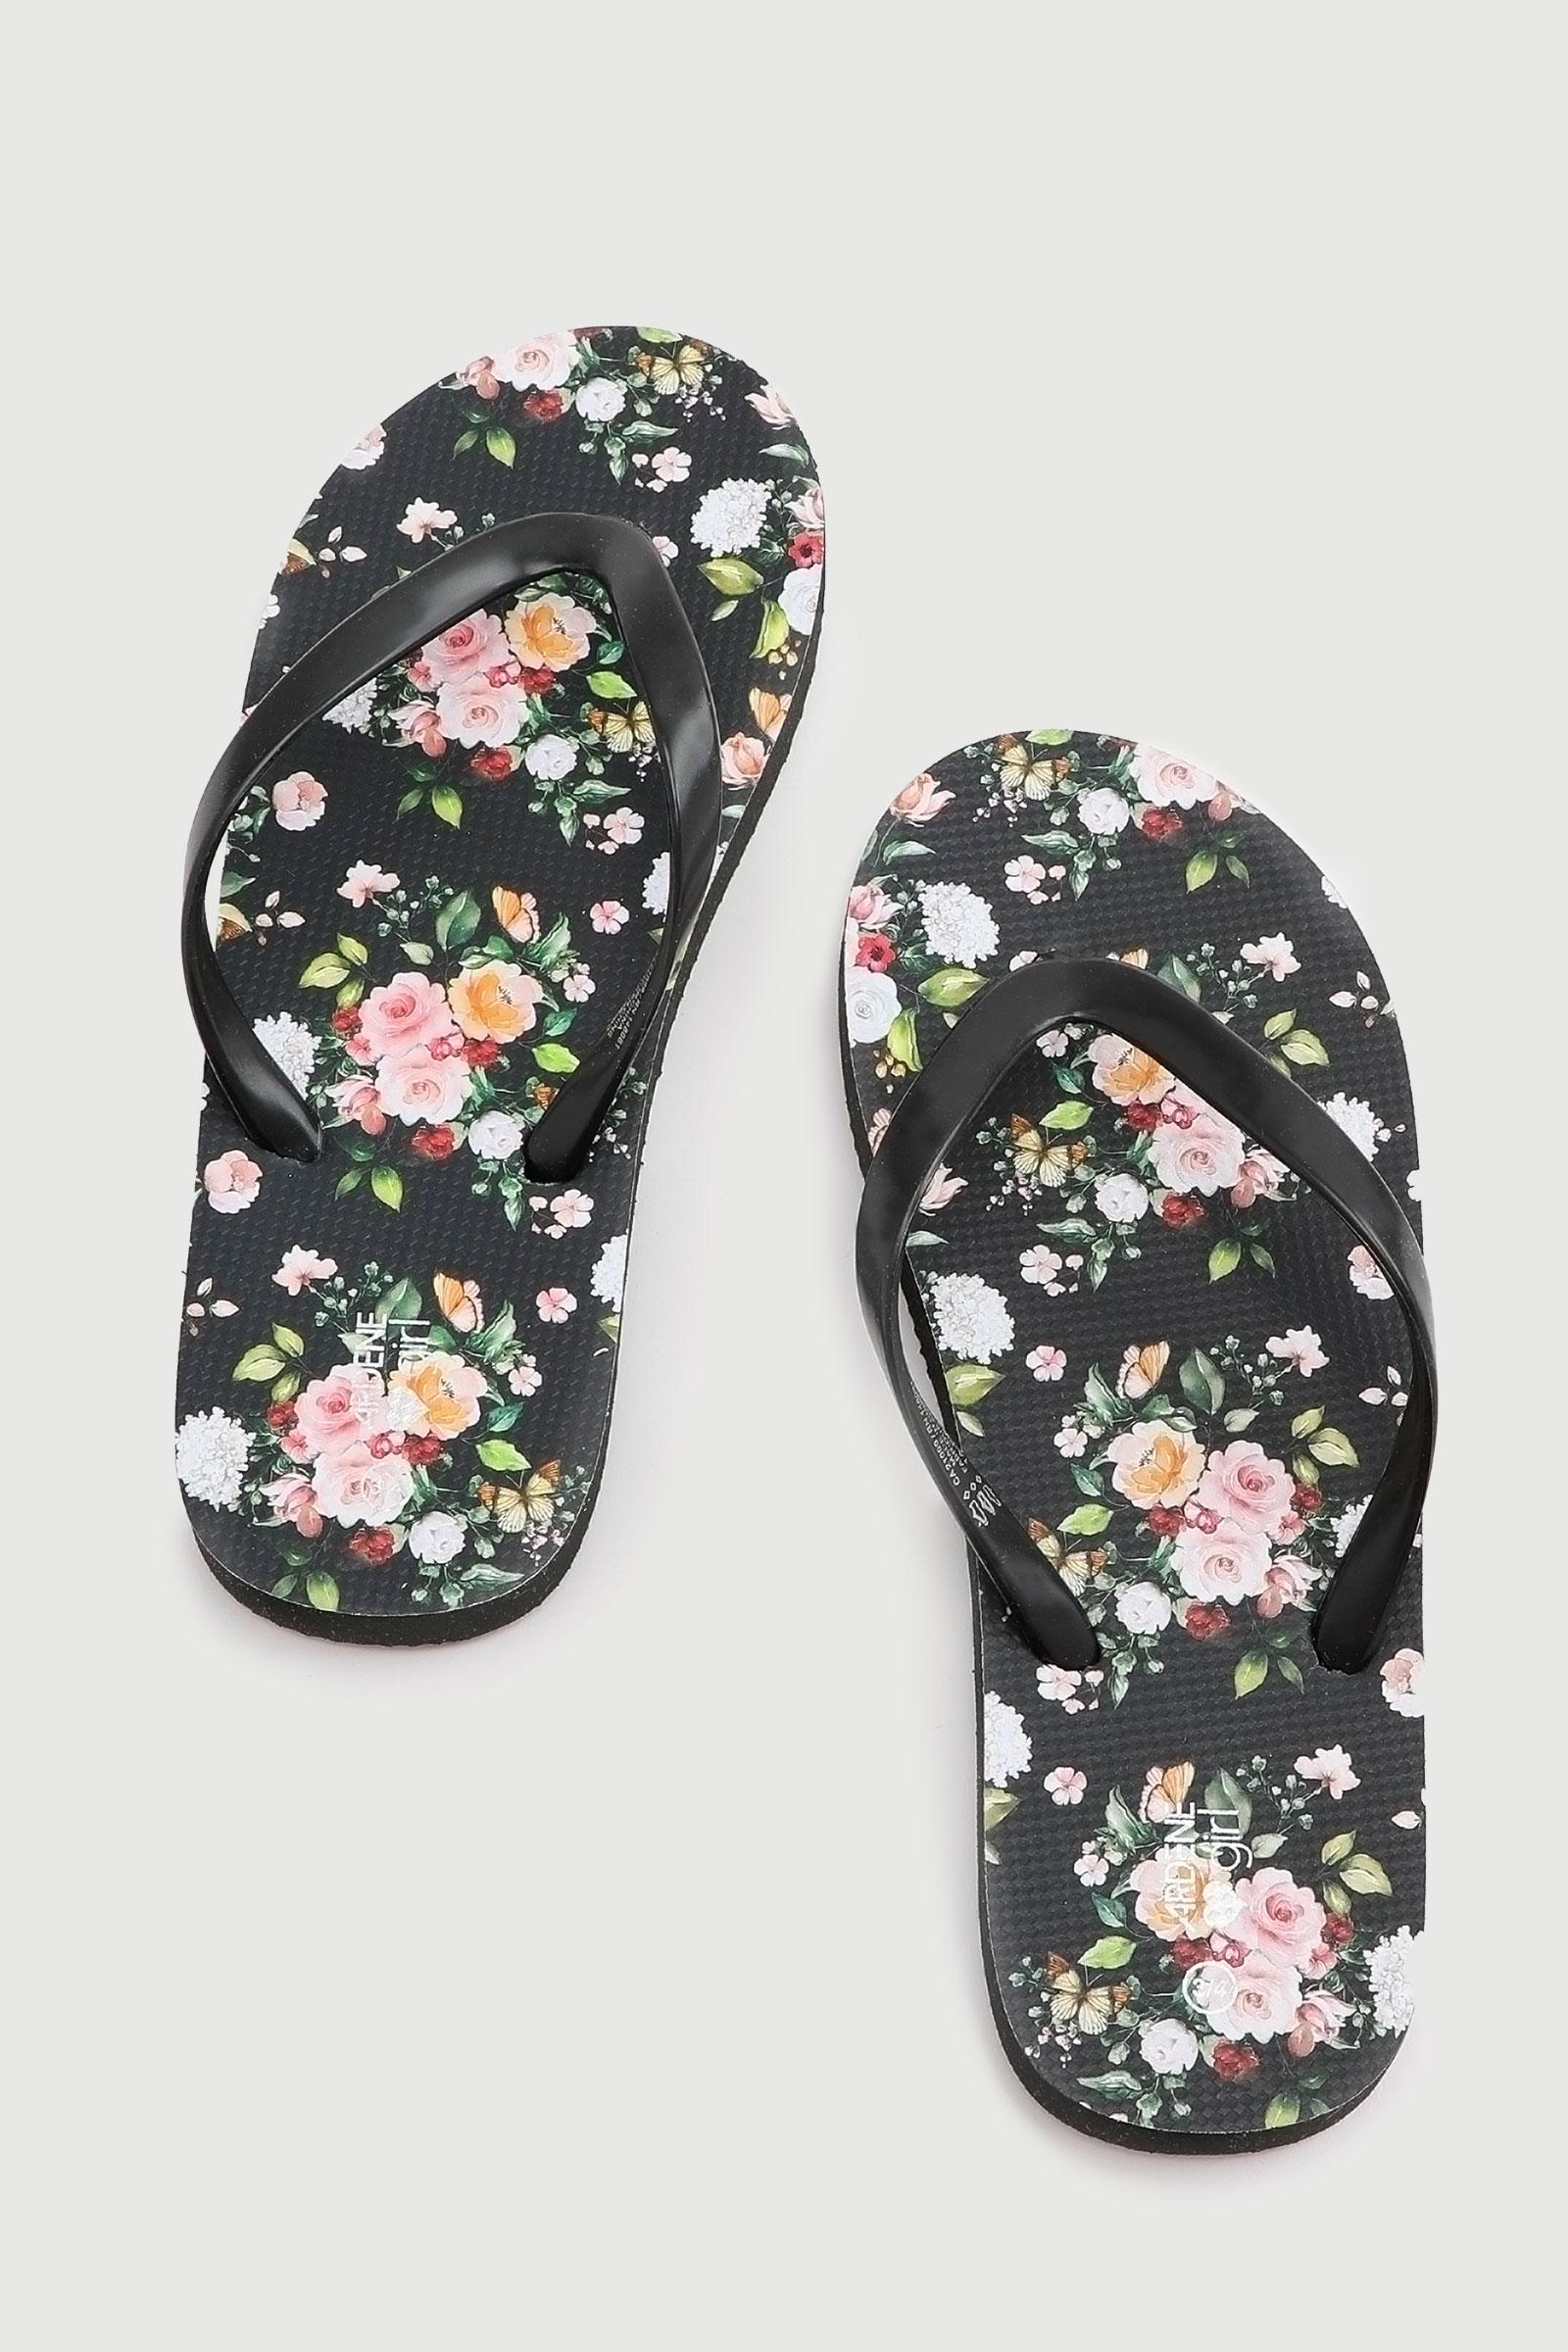 Floral Flip-Flops for Kids